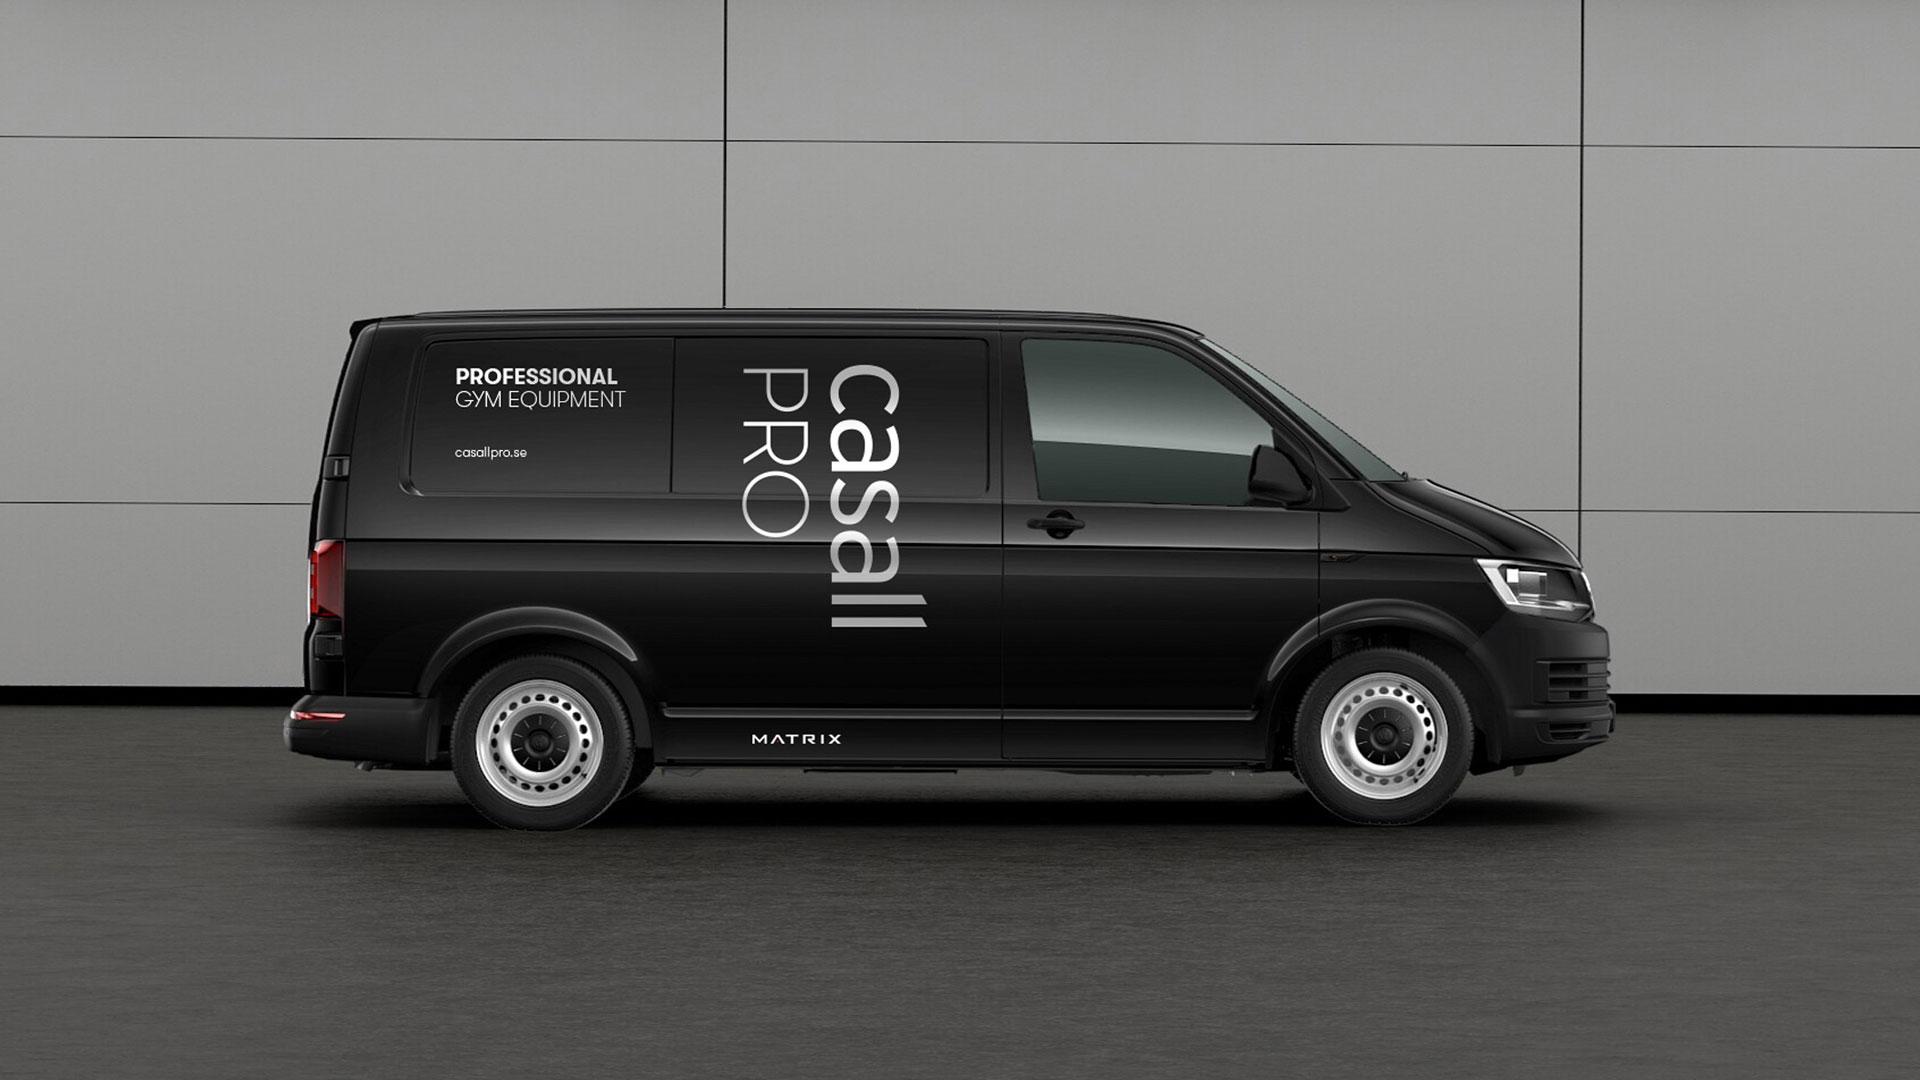 Black casall van